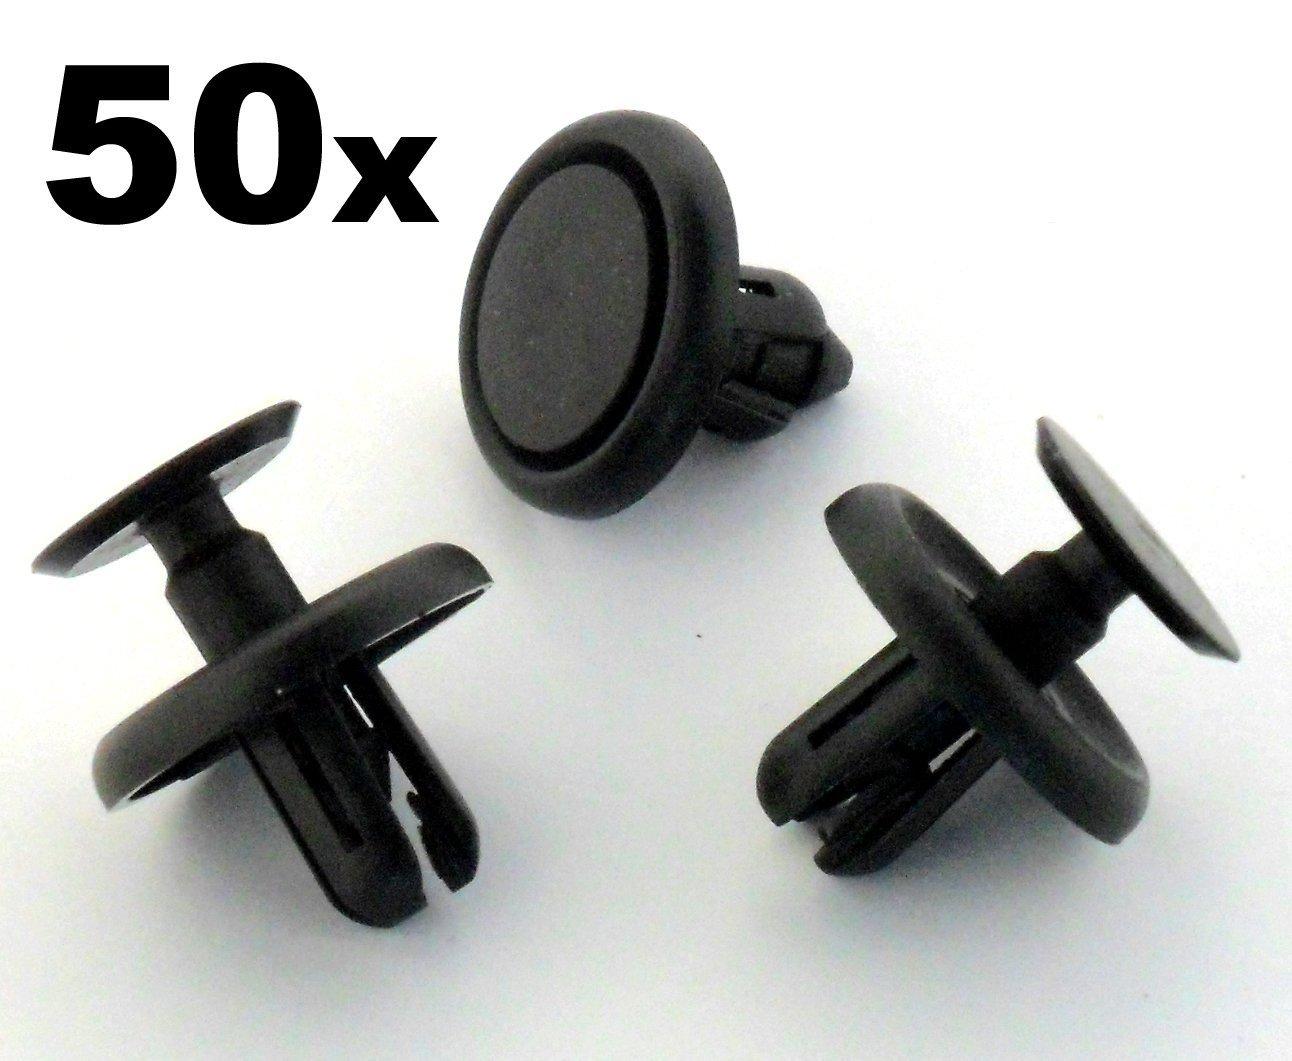 50 x Remaches Plá sticos - Clavija Ajuste Plá stico para Revestimiento Interior Rueda y Bandeja Motor Auto Trim Clips 9046707201